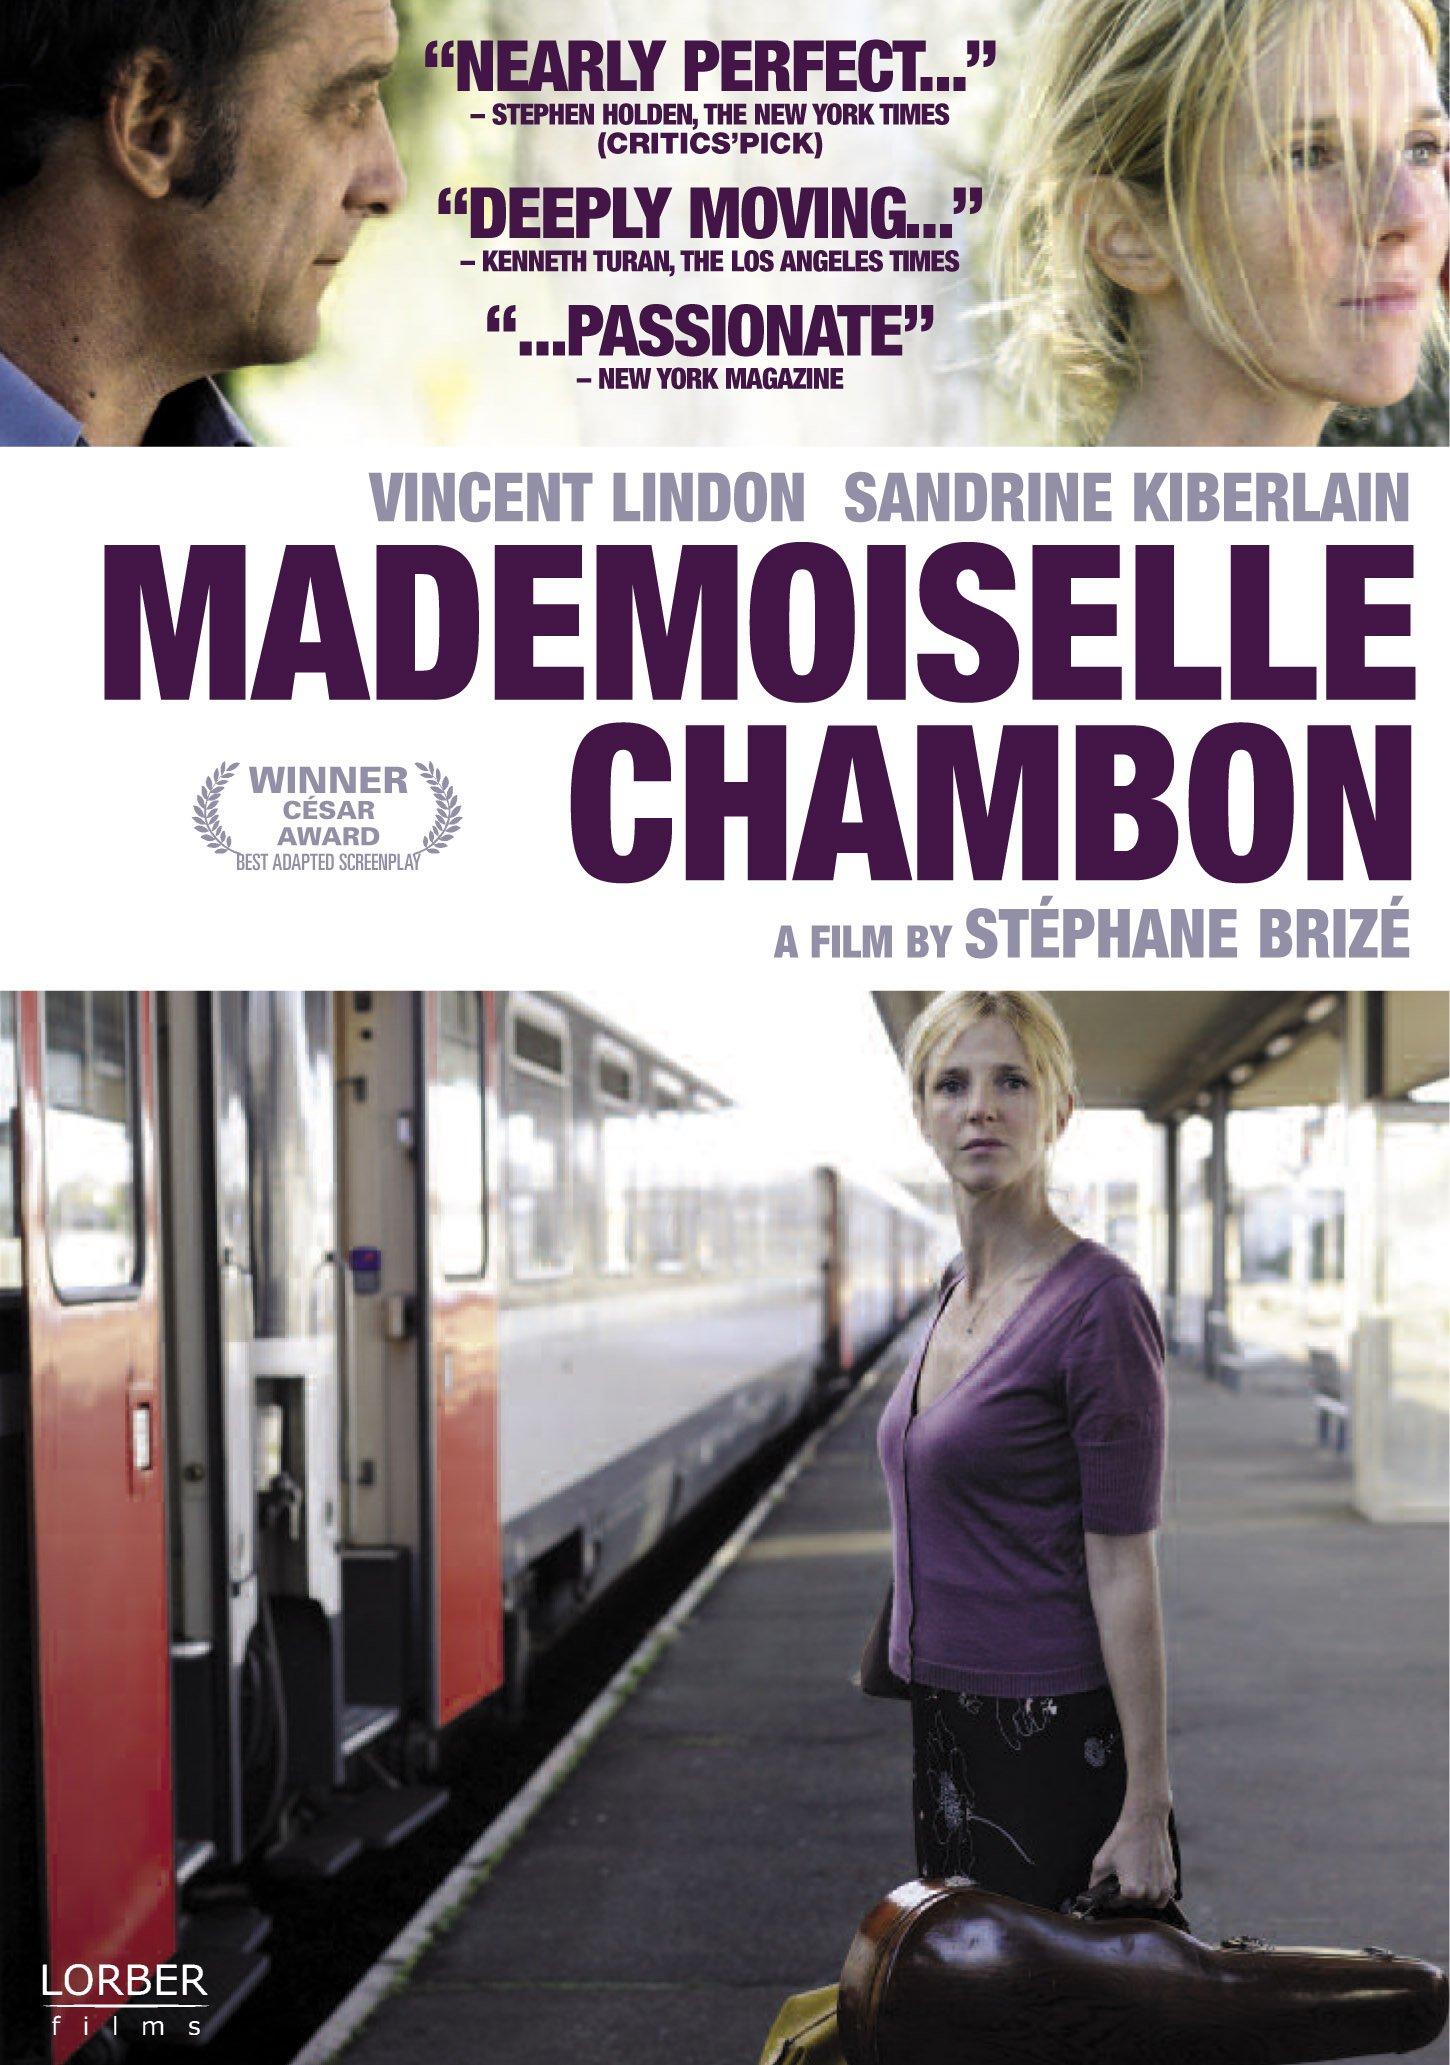 DVD : Arthur Le Hou rou - Mademoiselle Chambon (Subtitled)